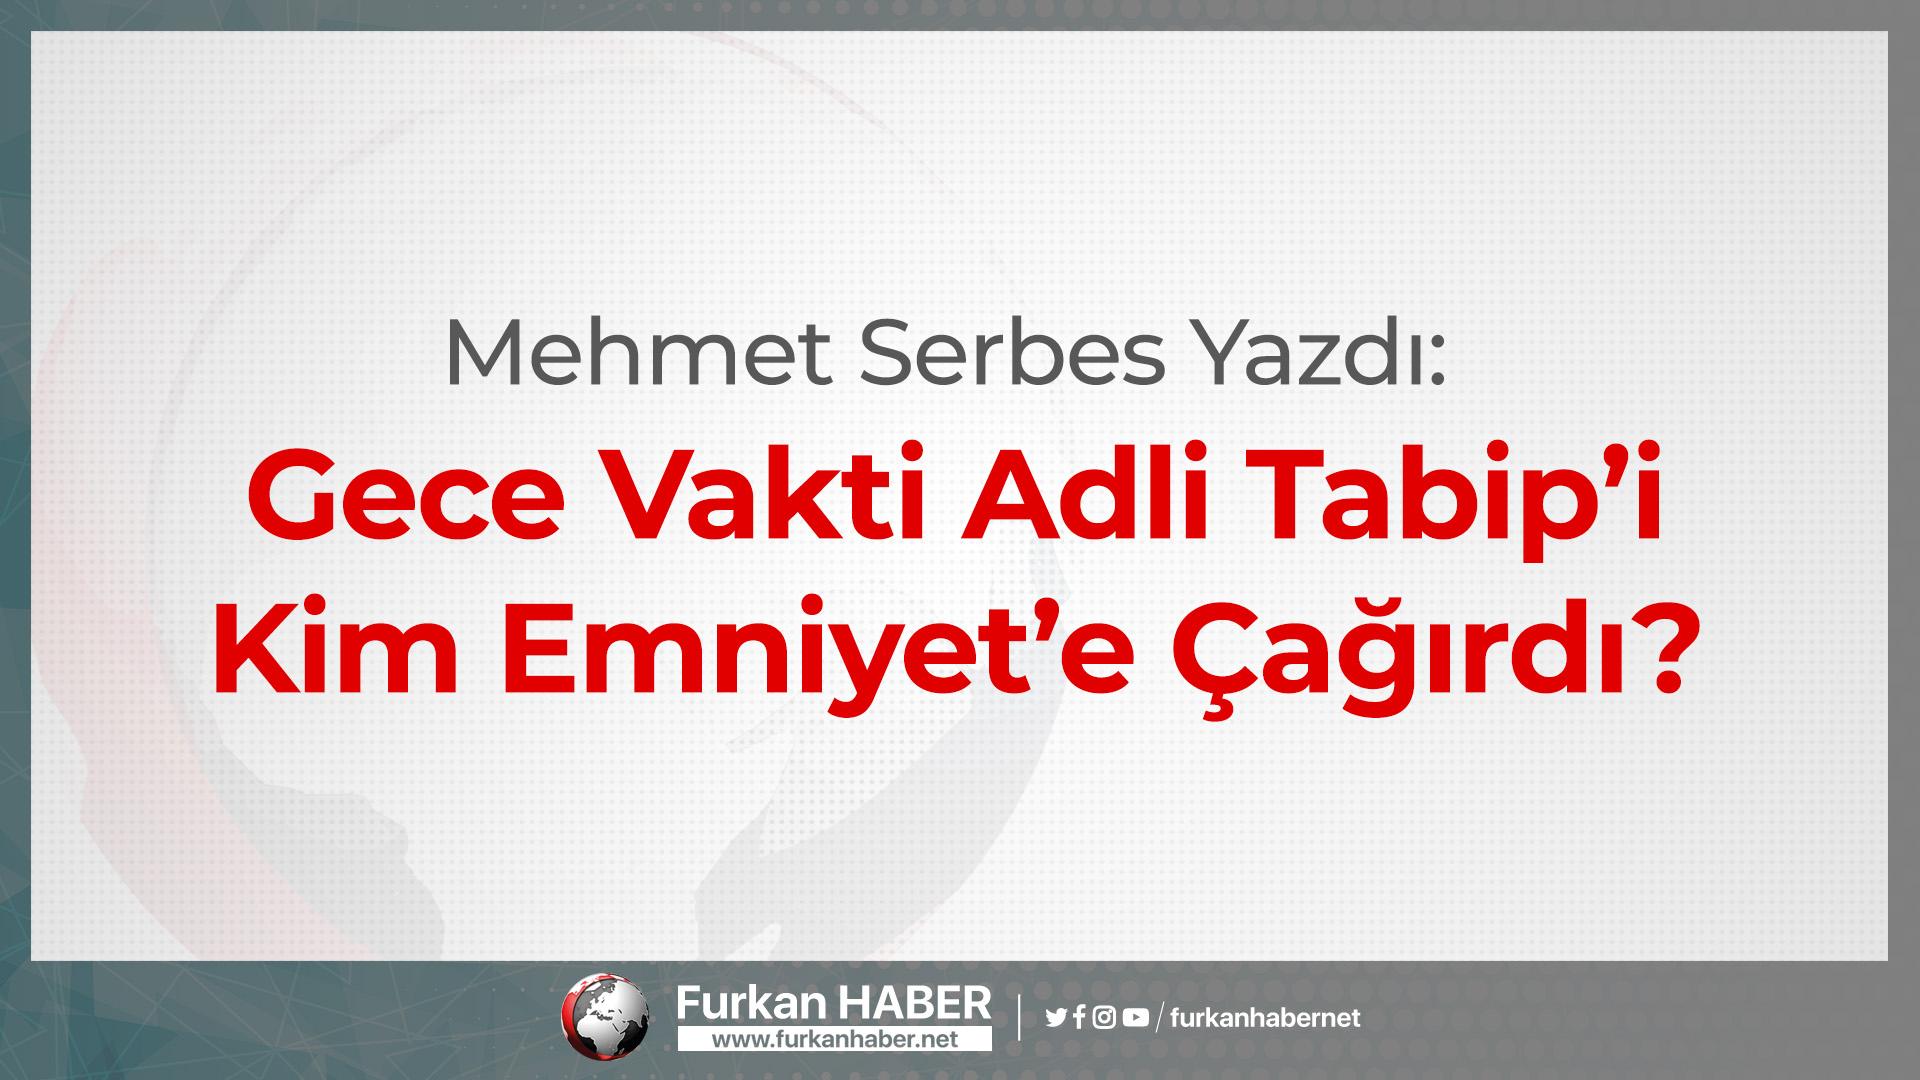 Mehmet Serbes Yazdı: Gece Vakti Adli Tabip'i Kim Emniyet'e Çağırdı?